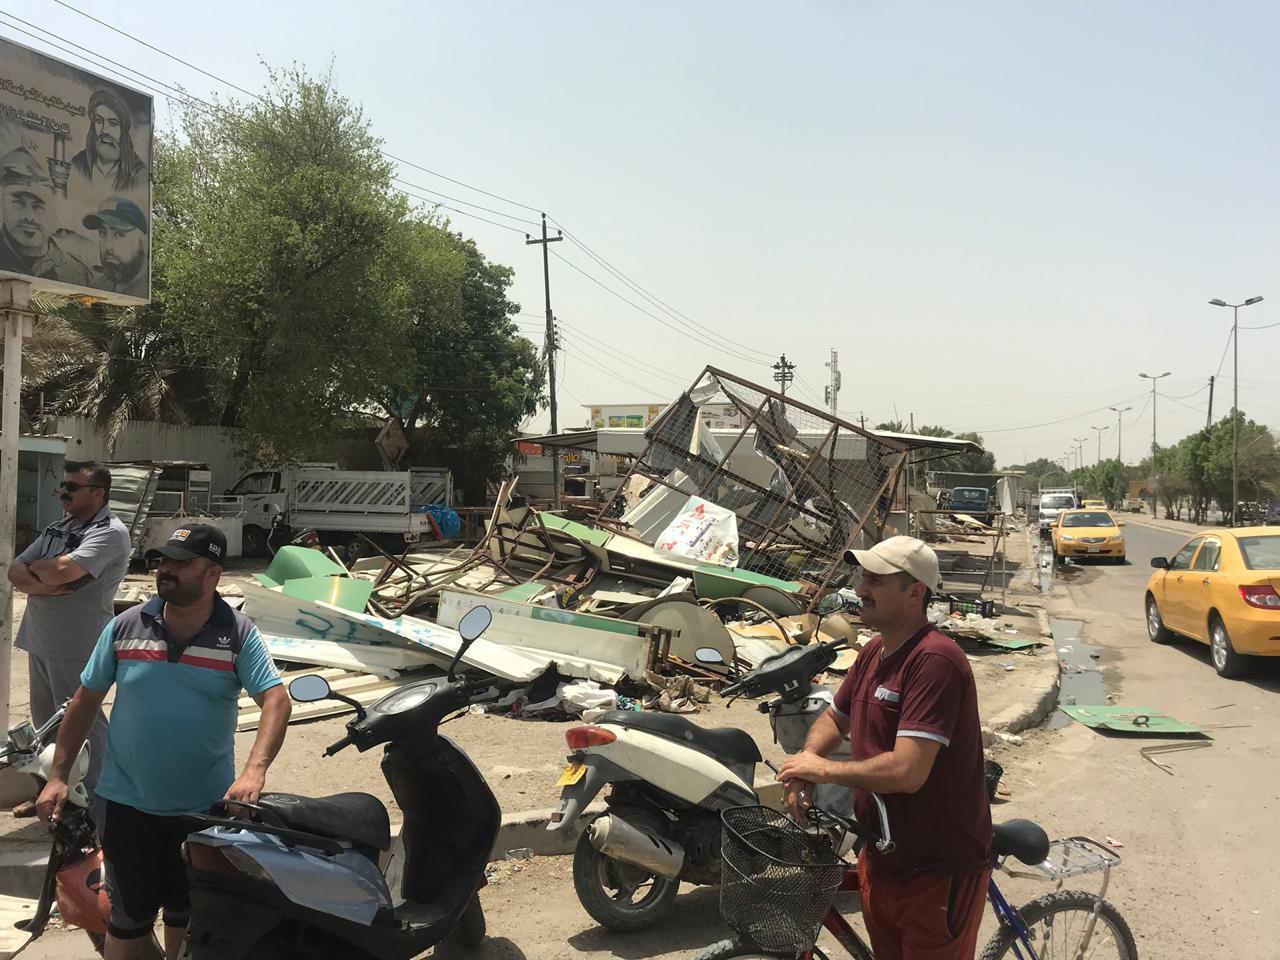 ازالة كاملة لسوق متجاوز جنوب بغداد